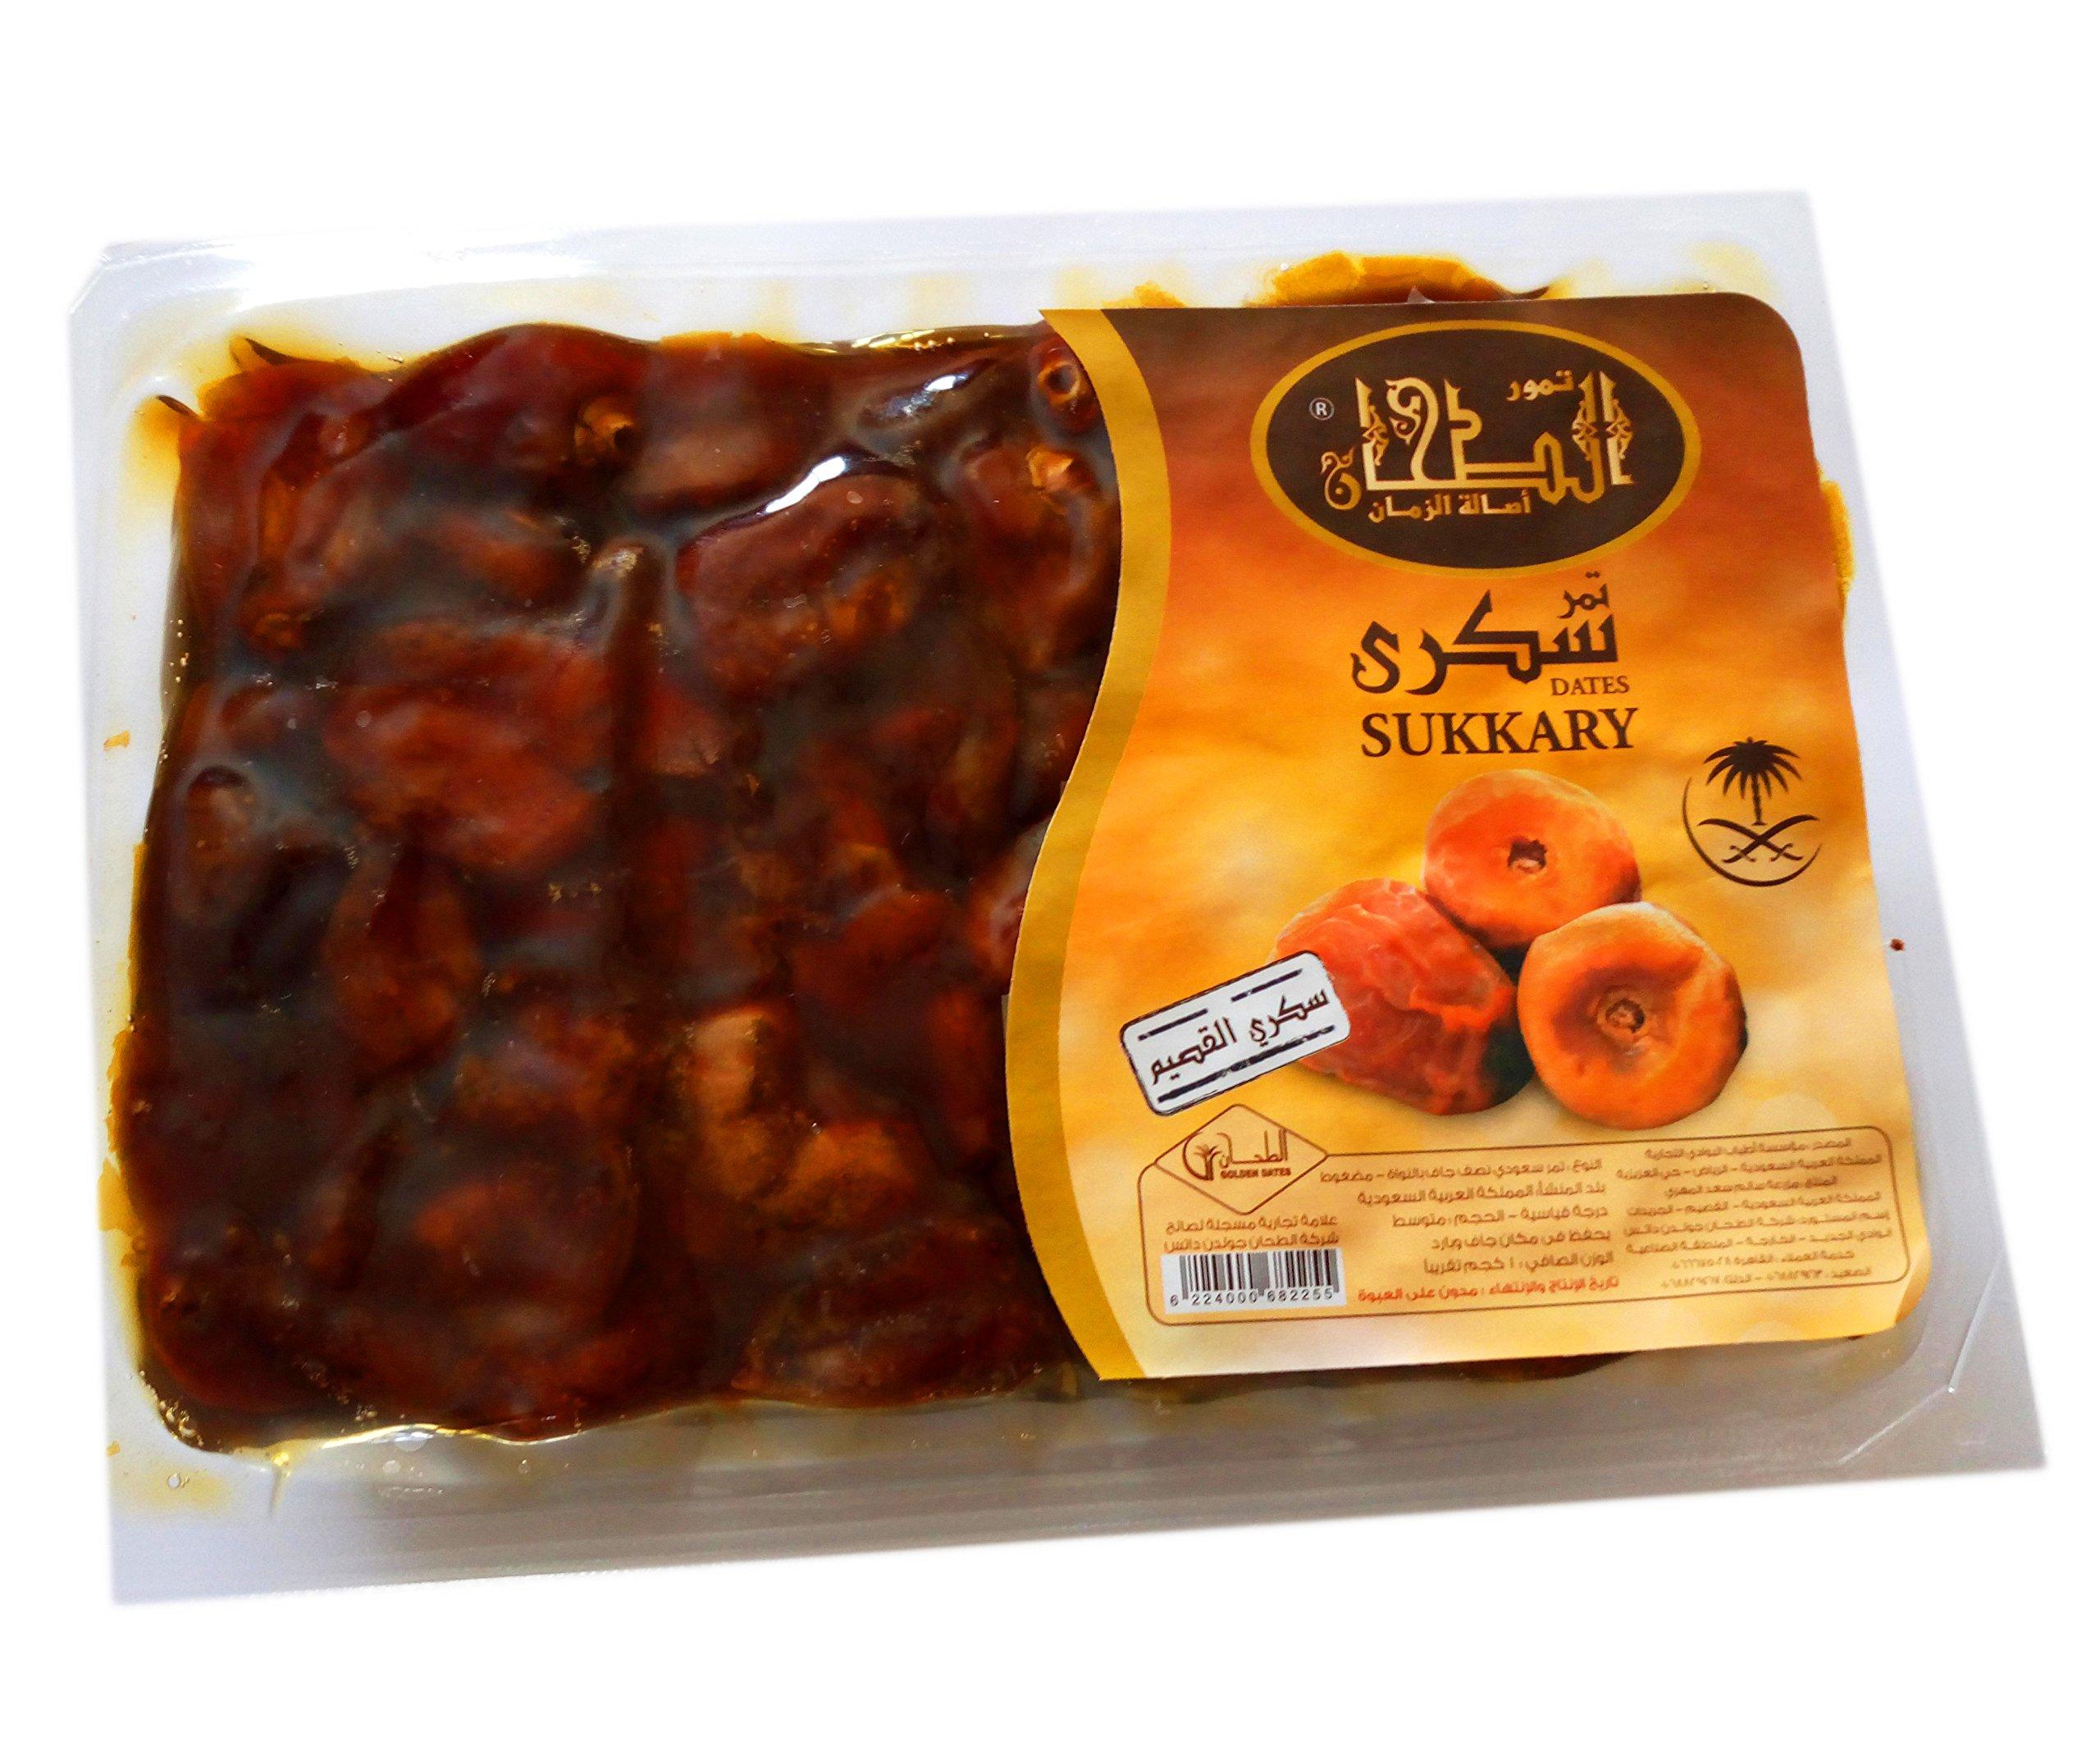 1 Kg Organic Sukkary Sugaring Dates Suadi Arabia Qassim Vacuum Dates Ramadan Eid